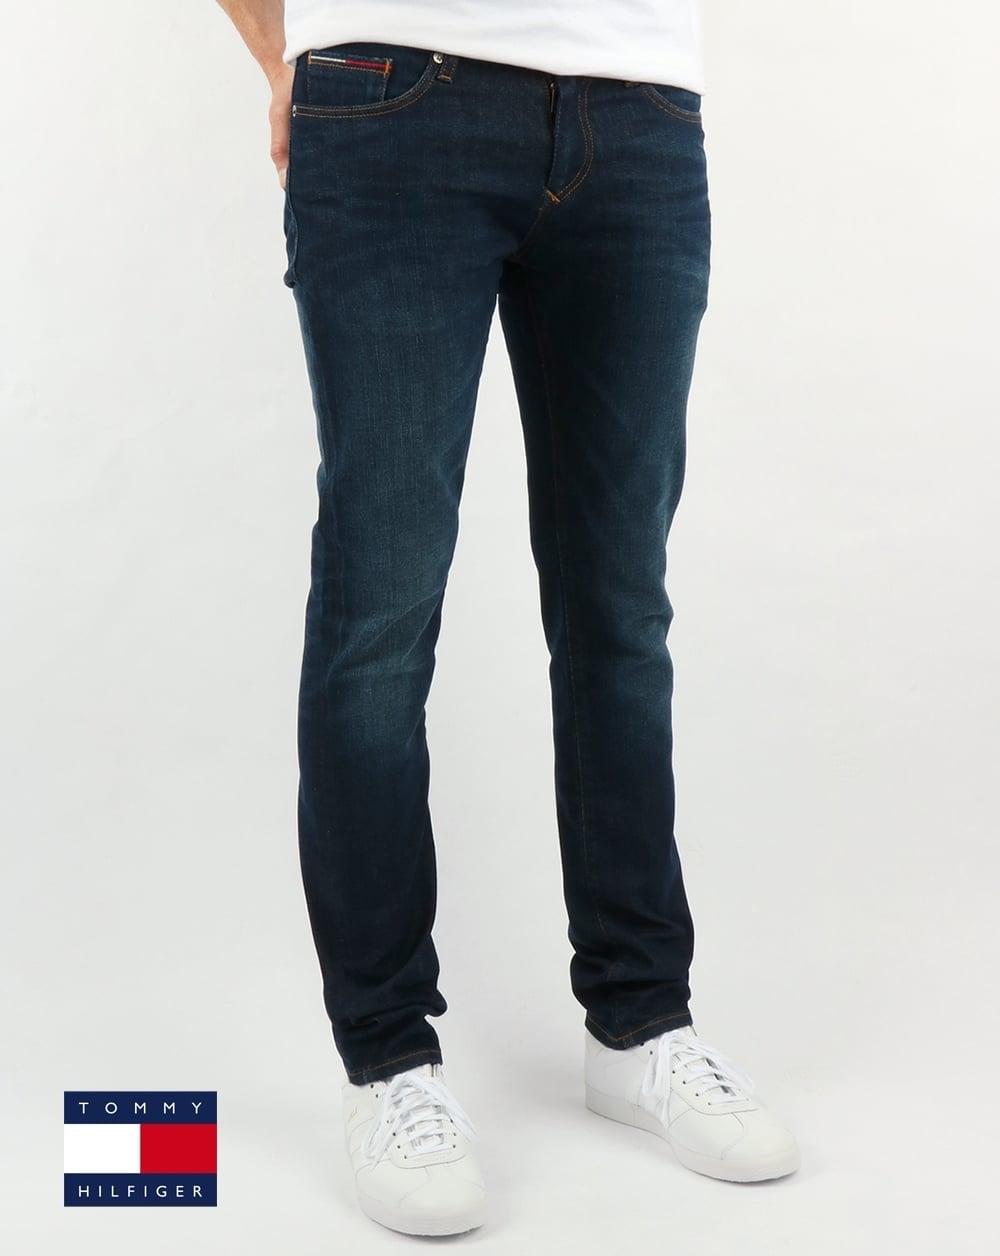 suche nach neuesten erster Blick 50% Preis Tommy Hilfiger Scanton Slim Fit Jeans Vintage Dark Comfort